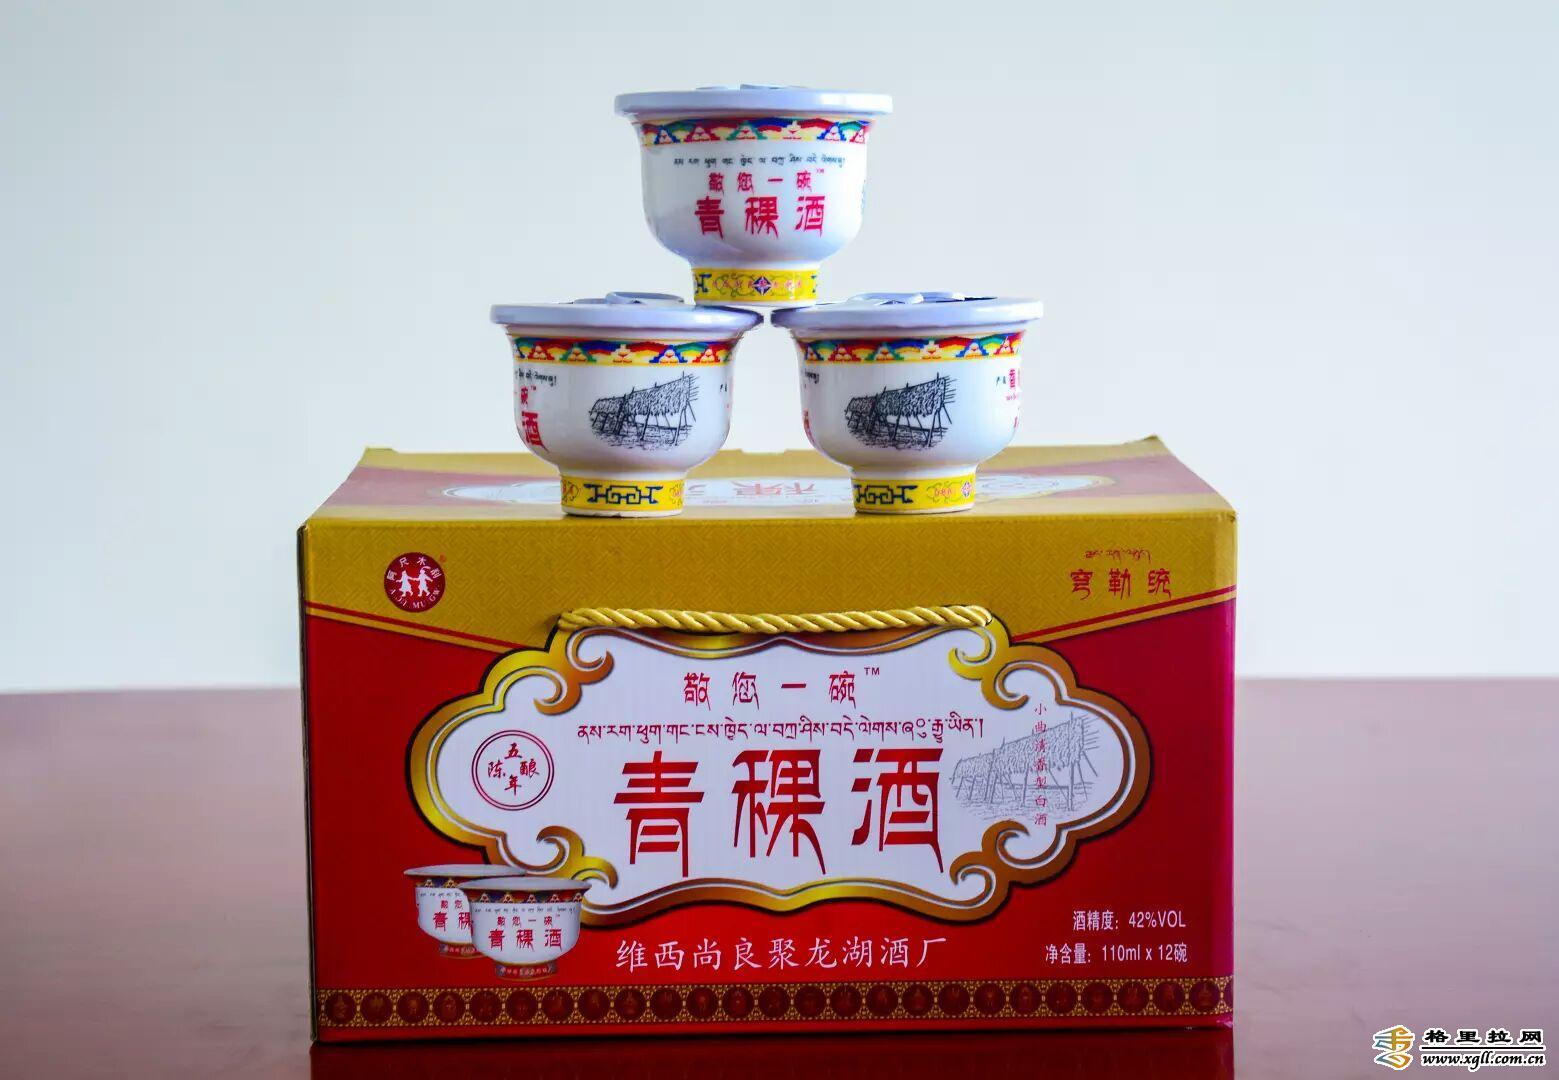 维西县尚良聚龙湖酒厂:以酒为媒传播香格里拉多元民族文化